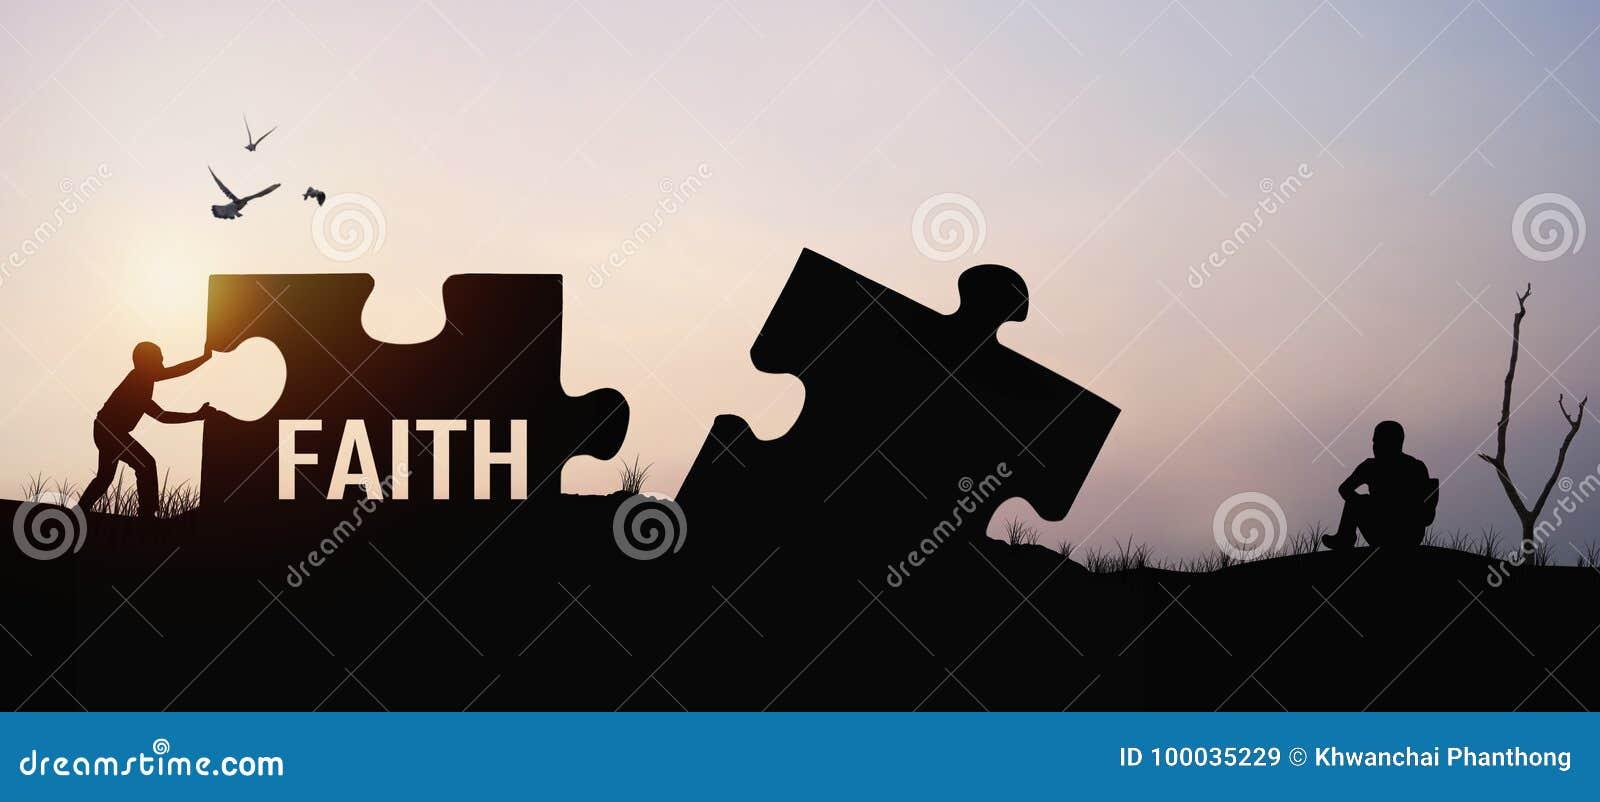 σκιαγραφία του τορνευτικού πριονιού ώθησης ατόμων για τη σύνδεση με την ελπίδα και την πίστη